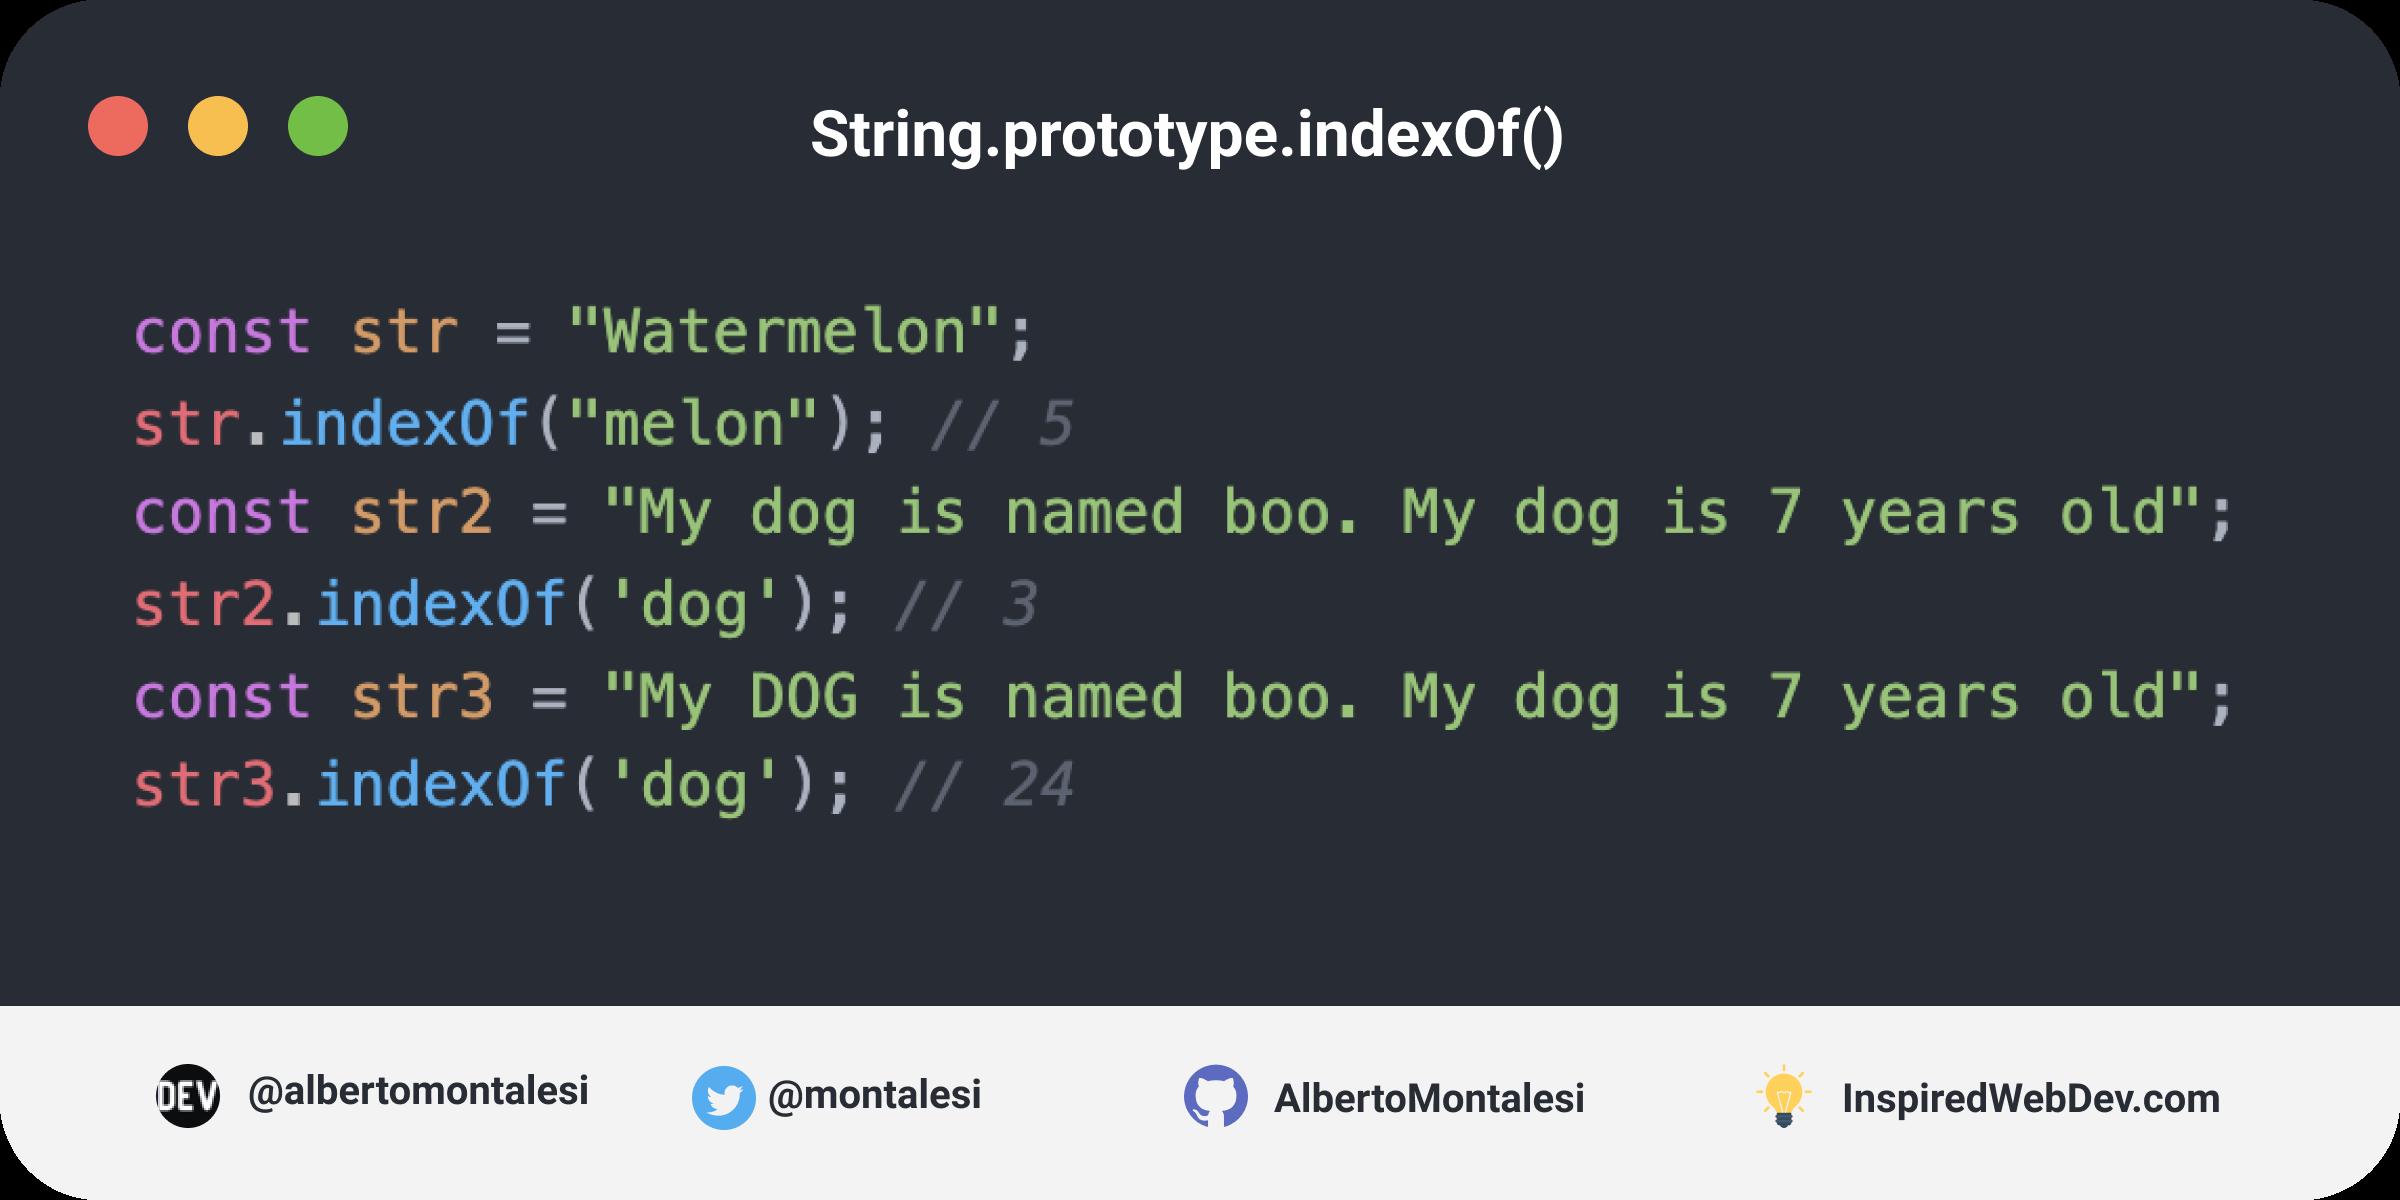 String.prototype.indexOf()